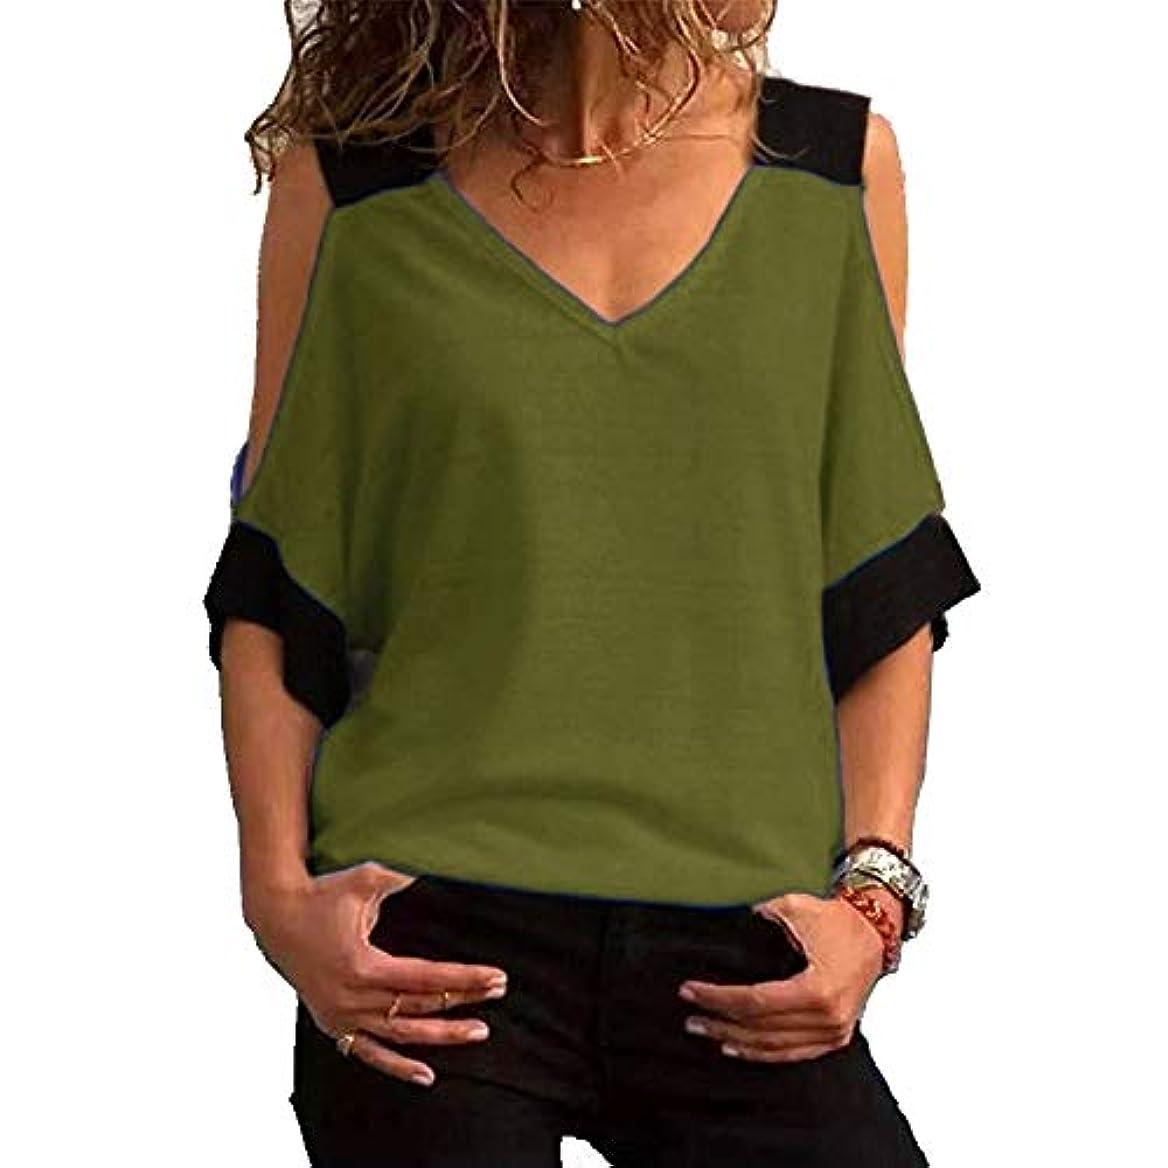 女王悪意発明するMIFAN女性ファッションカジュアルトップス女性ショルダーブラウスコットンTシャツディープVネック半袖